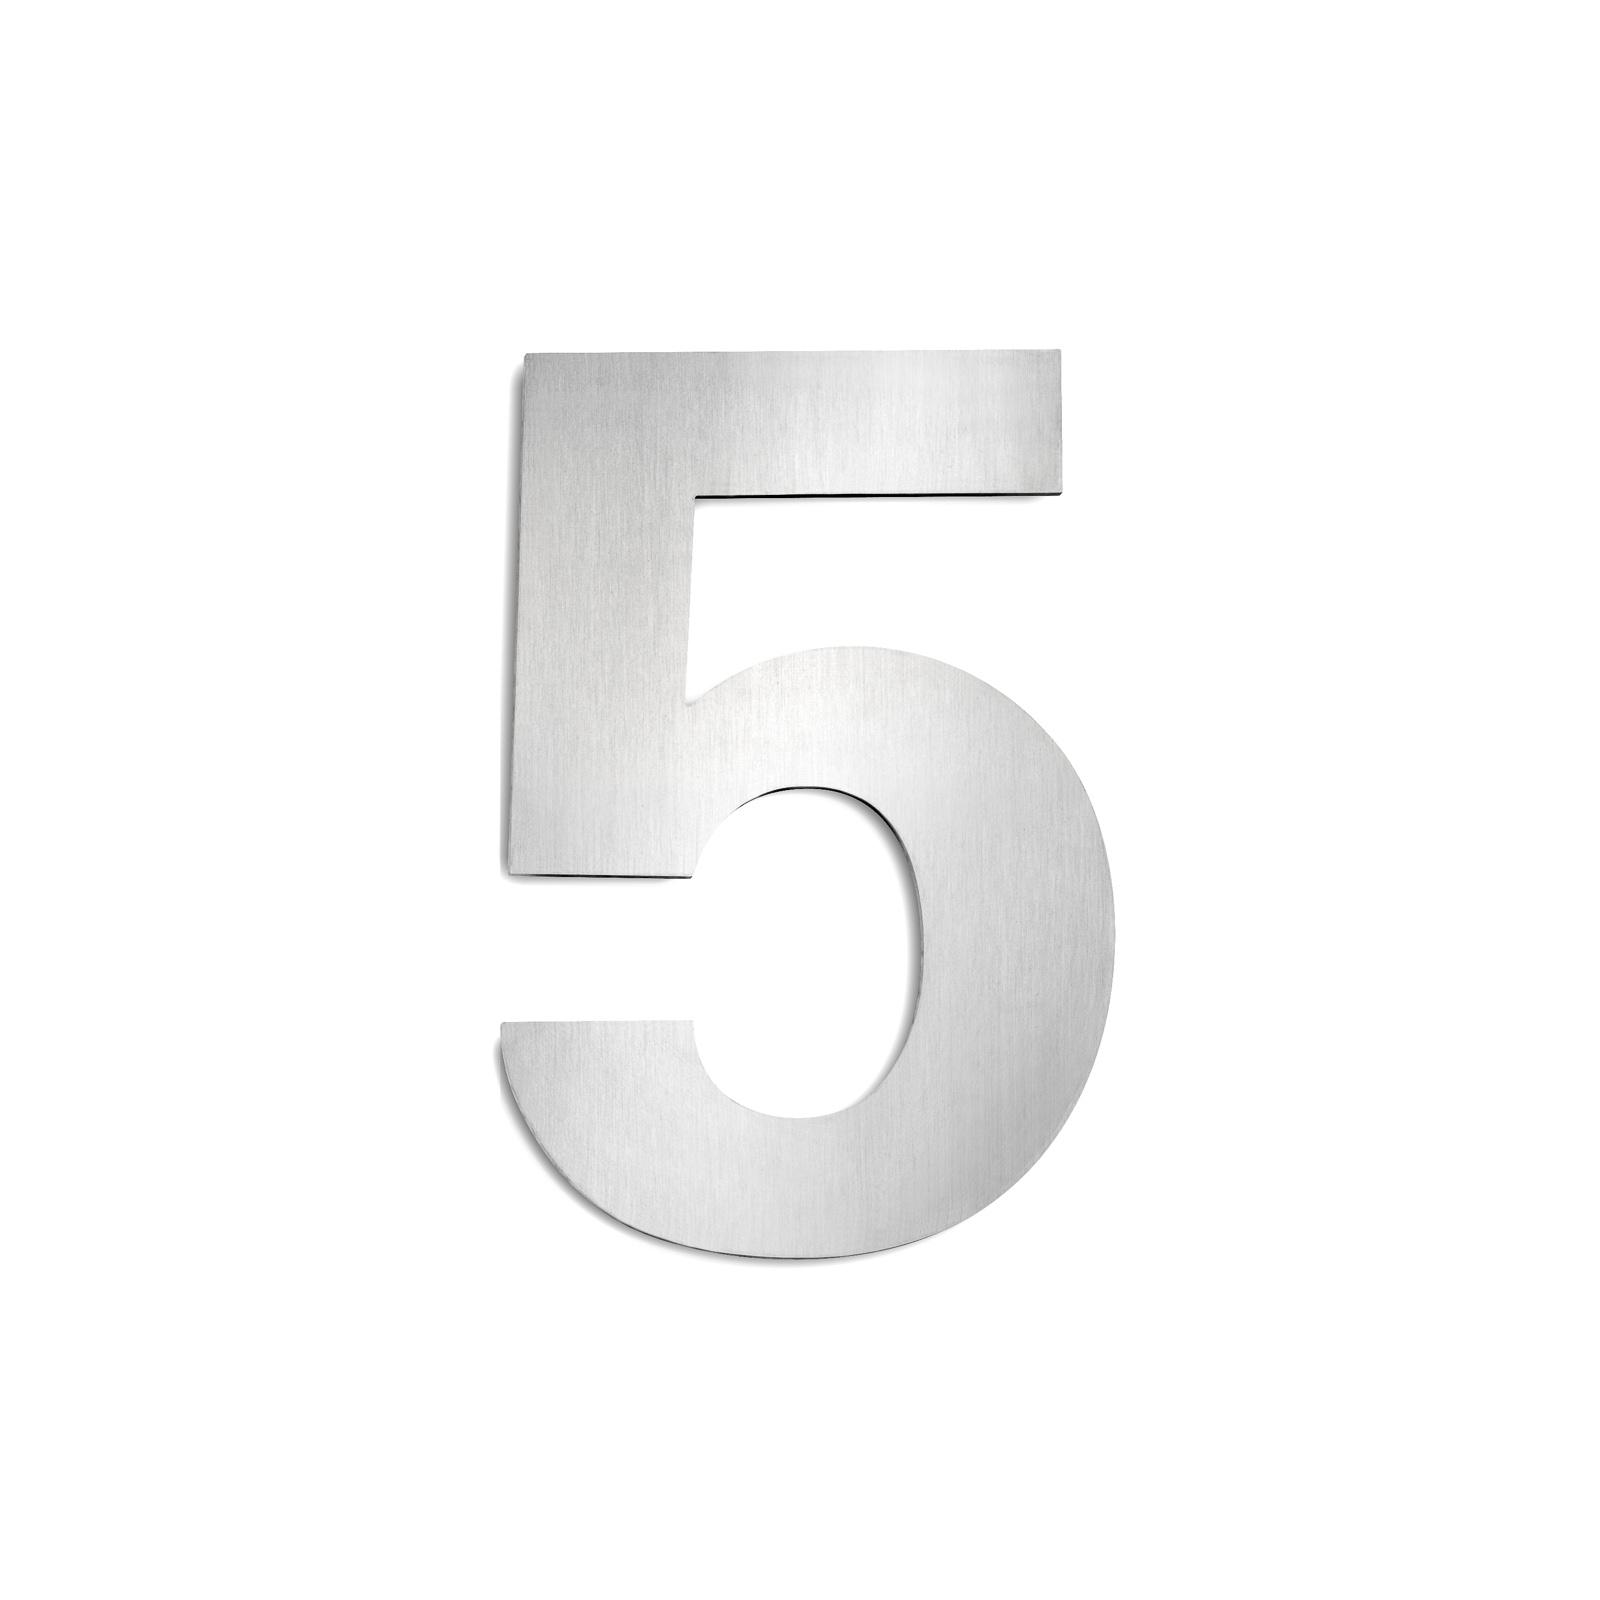 Domovní čísla z ušlechtilé oceli velikost 5